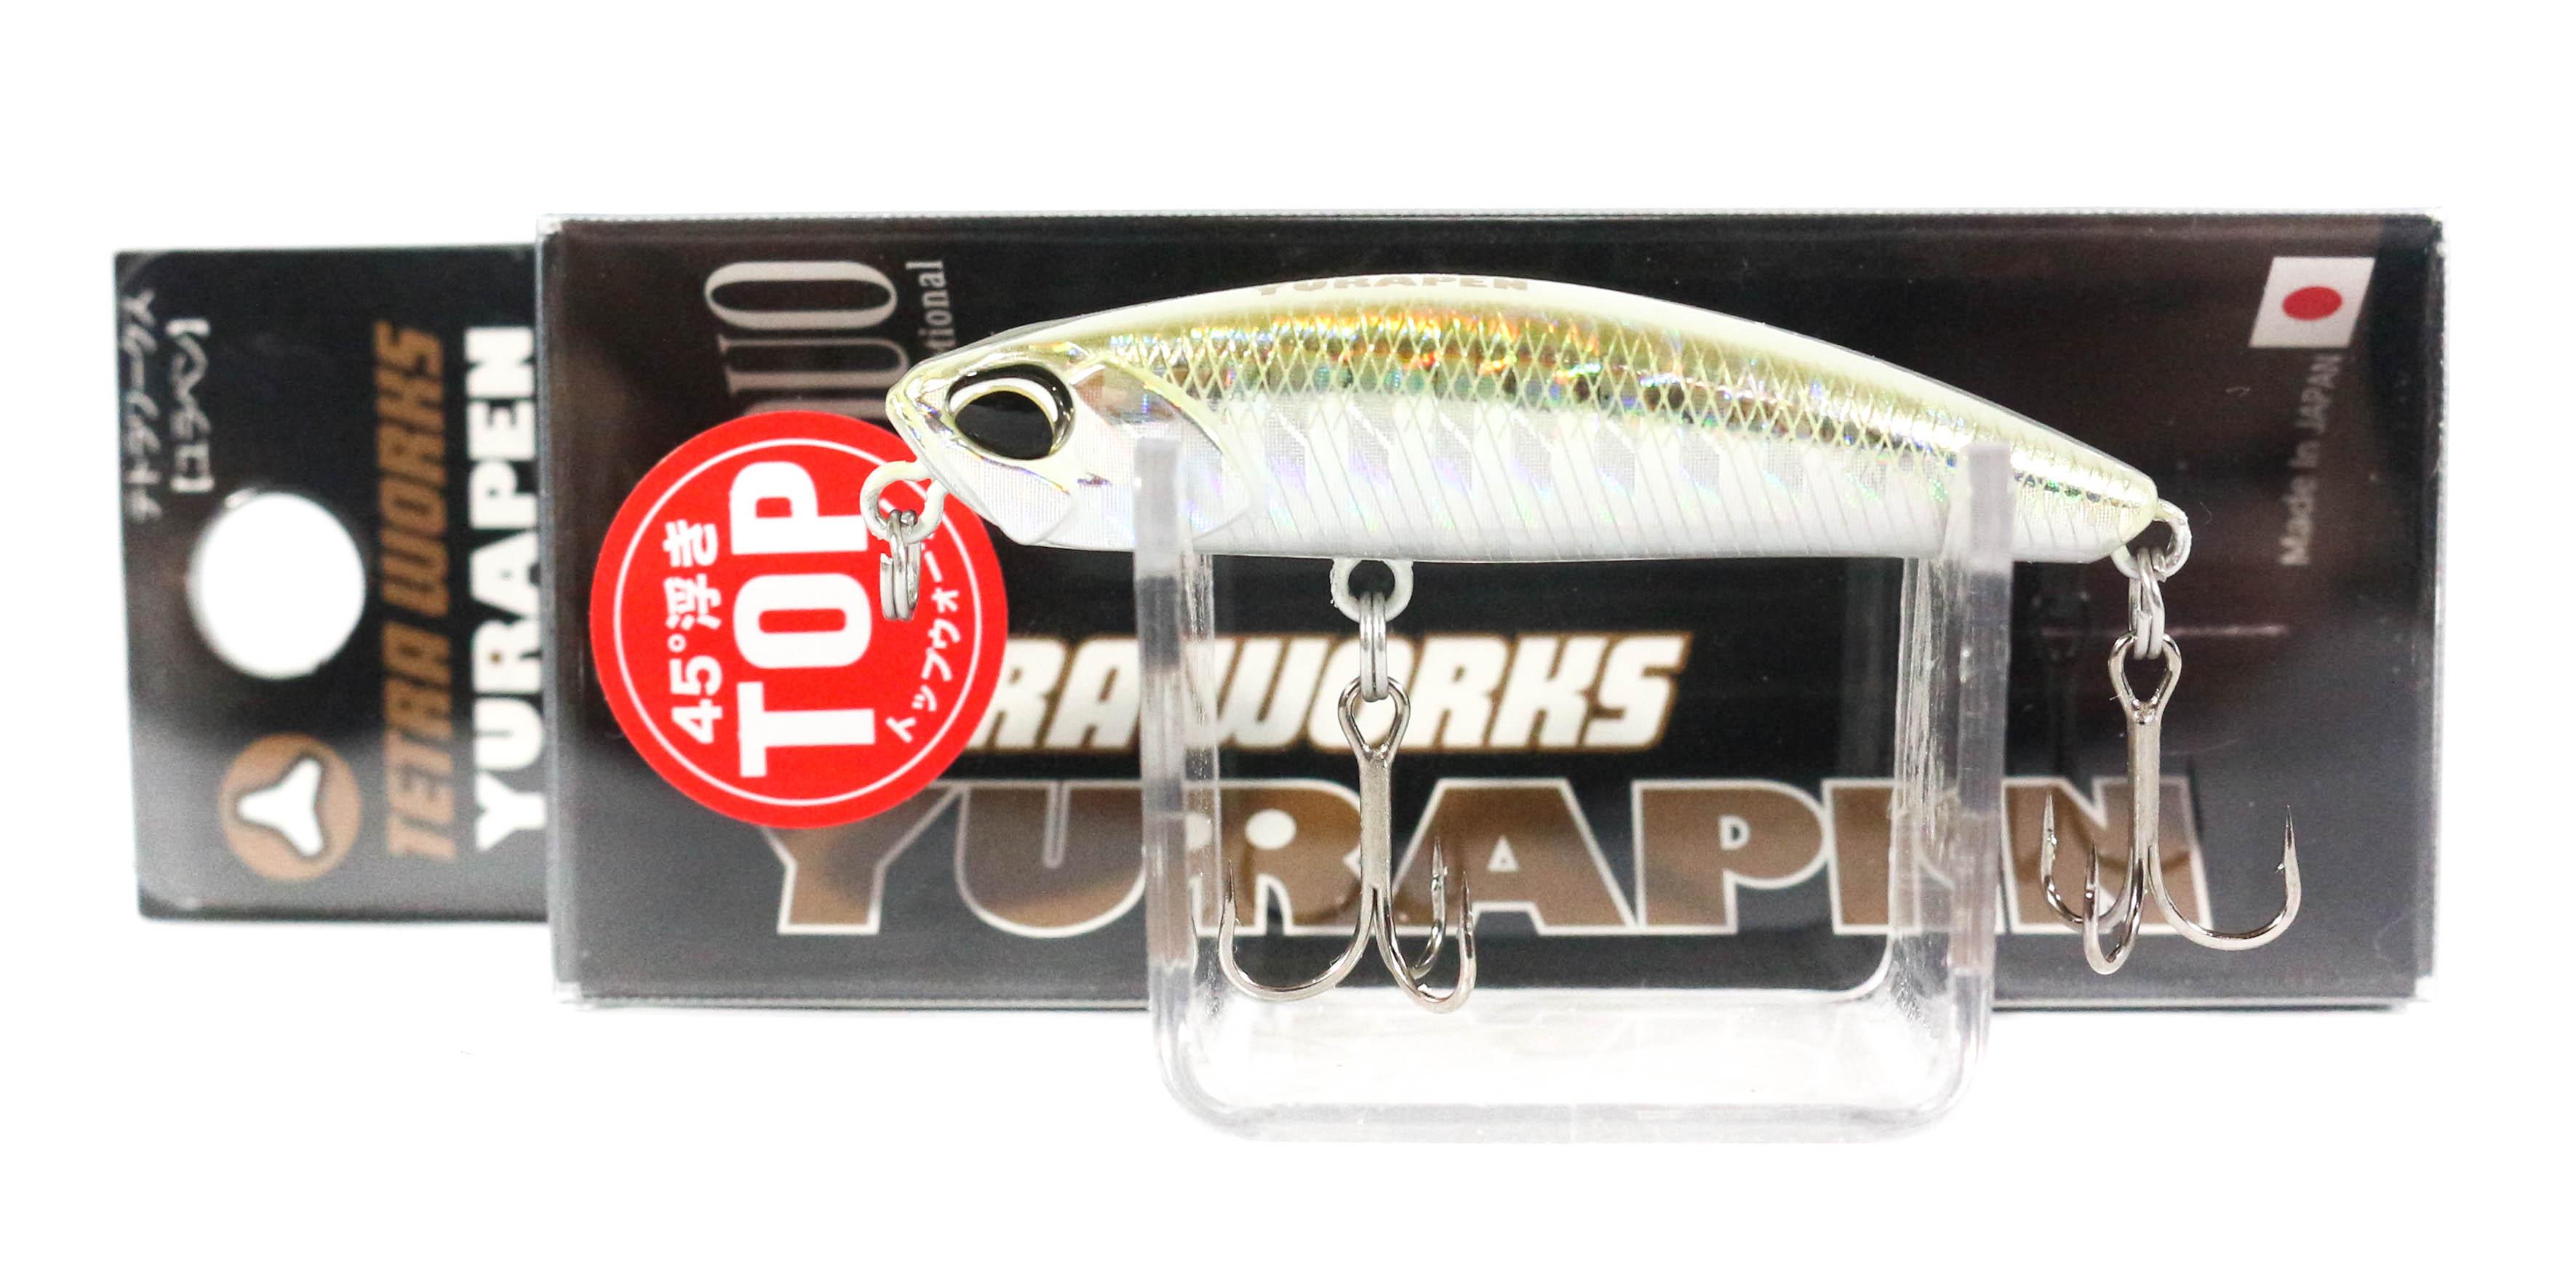 Duo Tetra Works Yurapen 48 mm Floating Lure AHA0149 (5024)